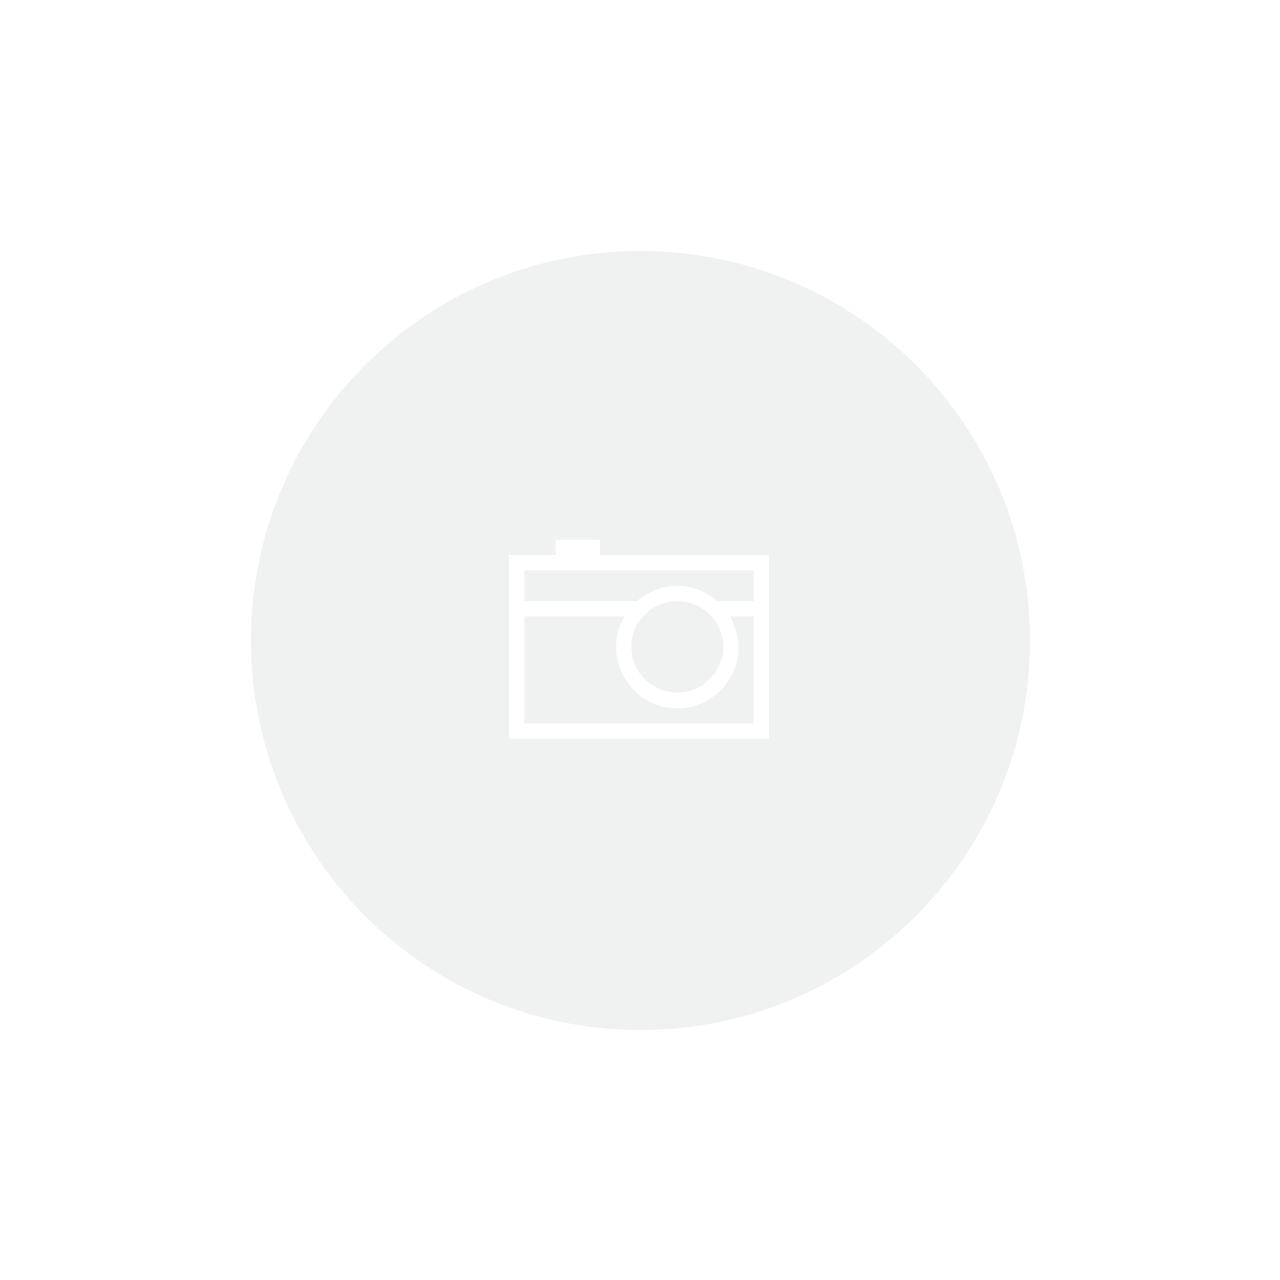 PNEU 29X2.10 CHAOYANG VICTORY H-5129 DUPLO COMPOSTO KEVLAR